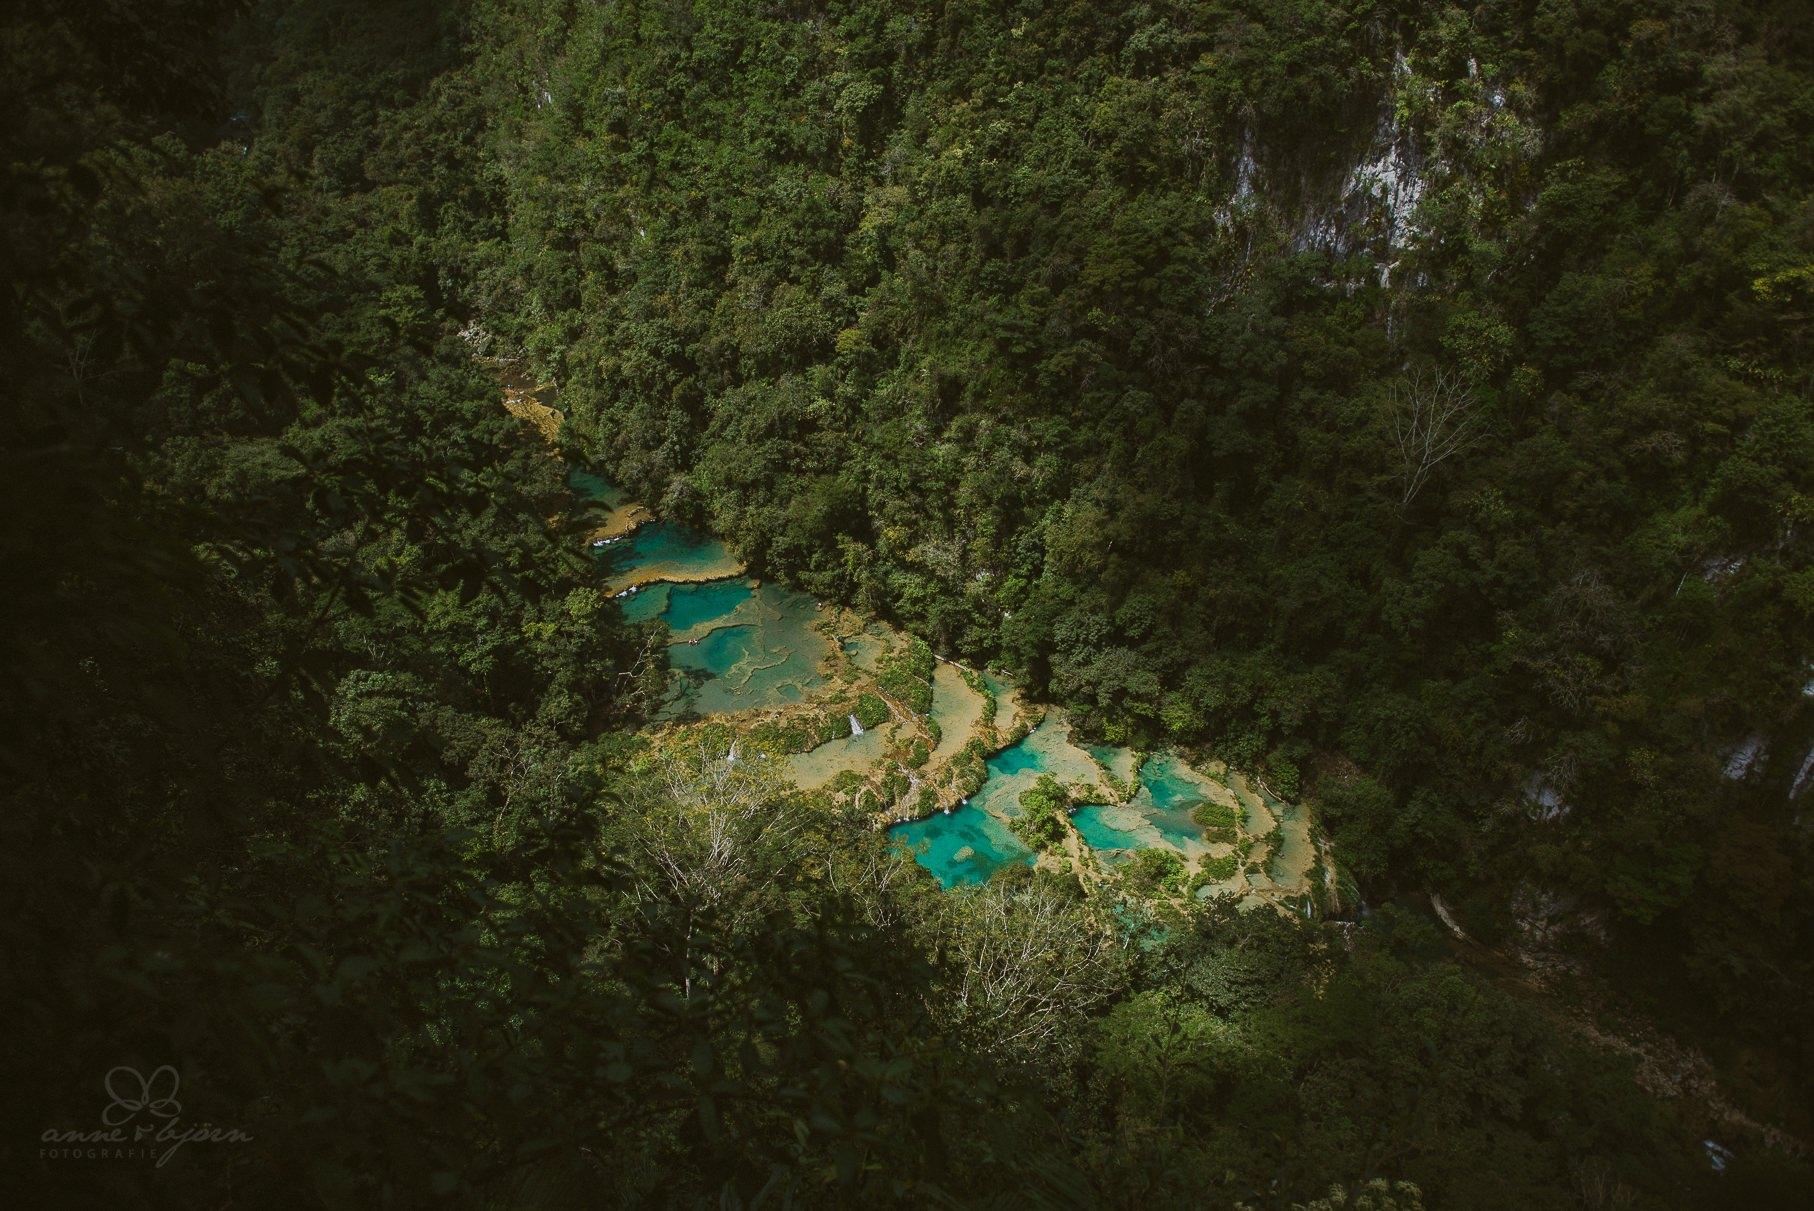 0188 anne und bjoern guatemala 811 3878 - 4 Wochen durch Guatemala - backpacking durch Mittelamerika